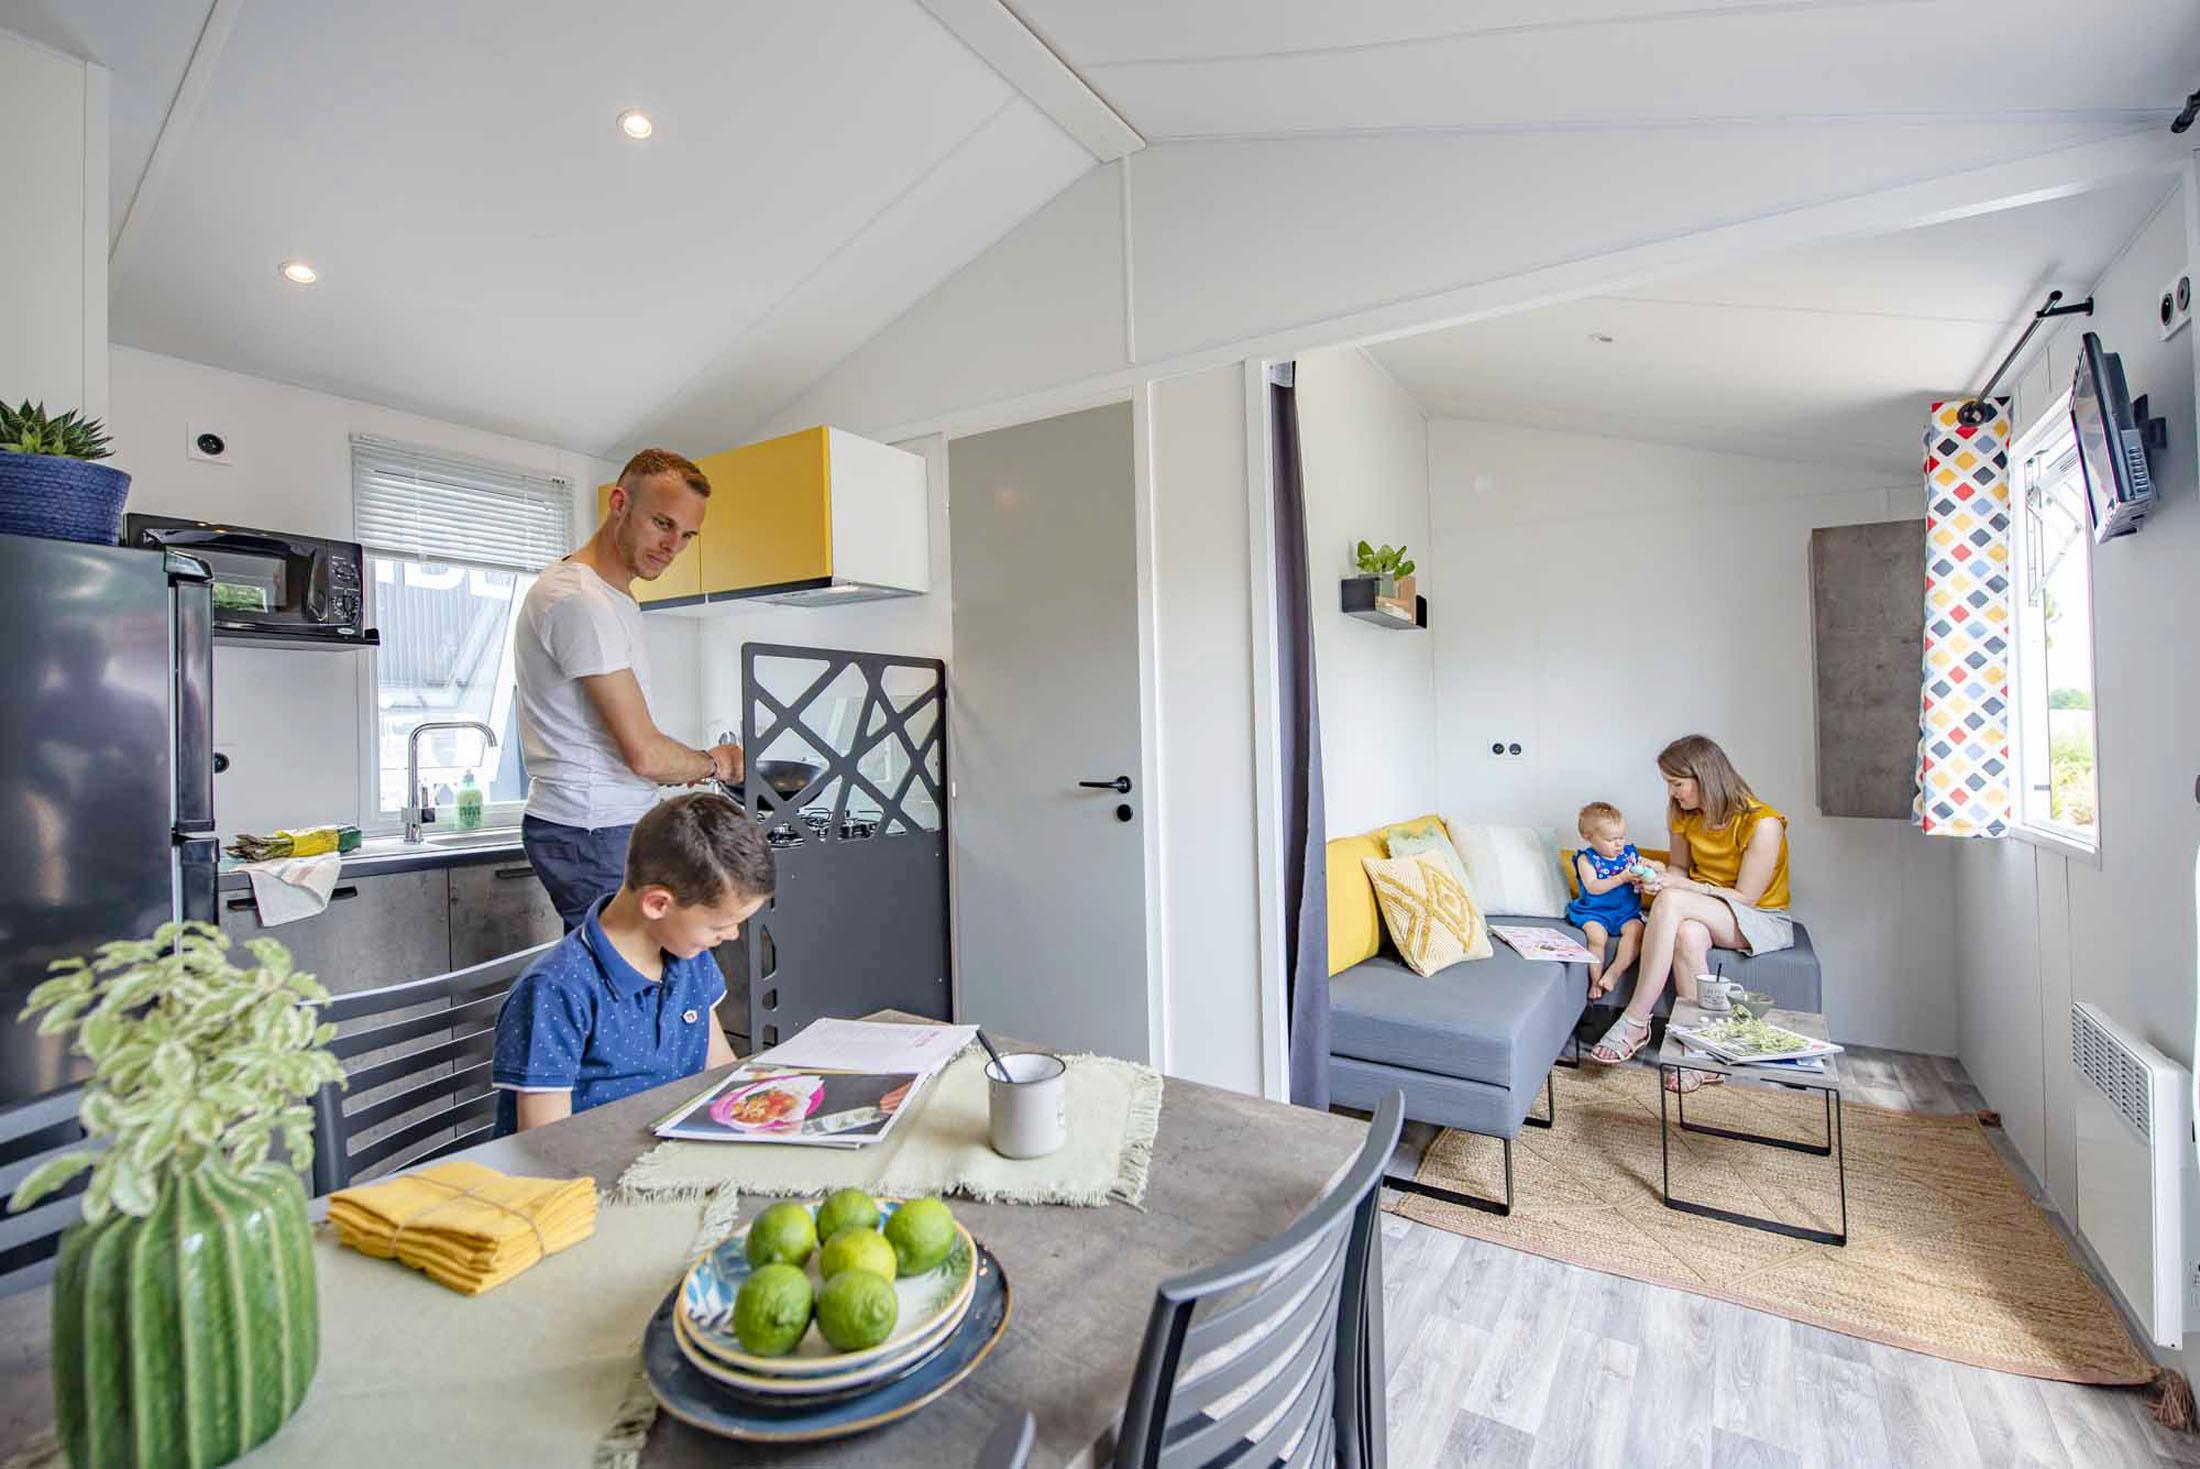 Ambiance instant de vie dans un mobil-home d'une petite famille